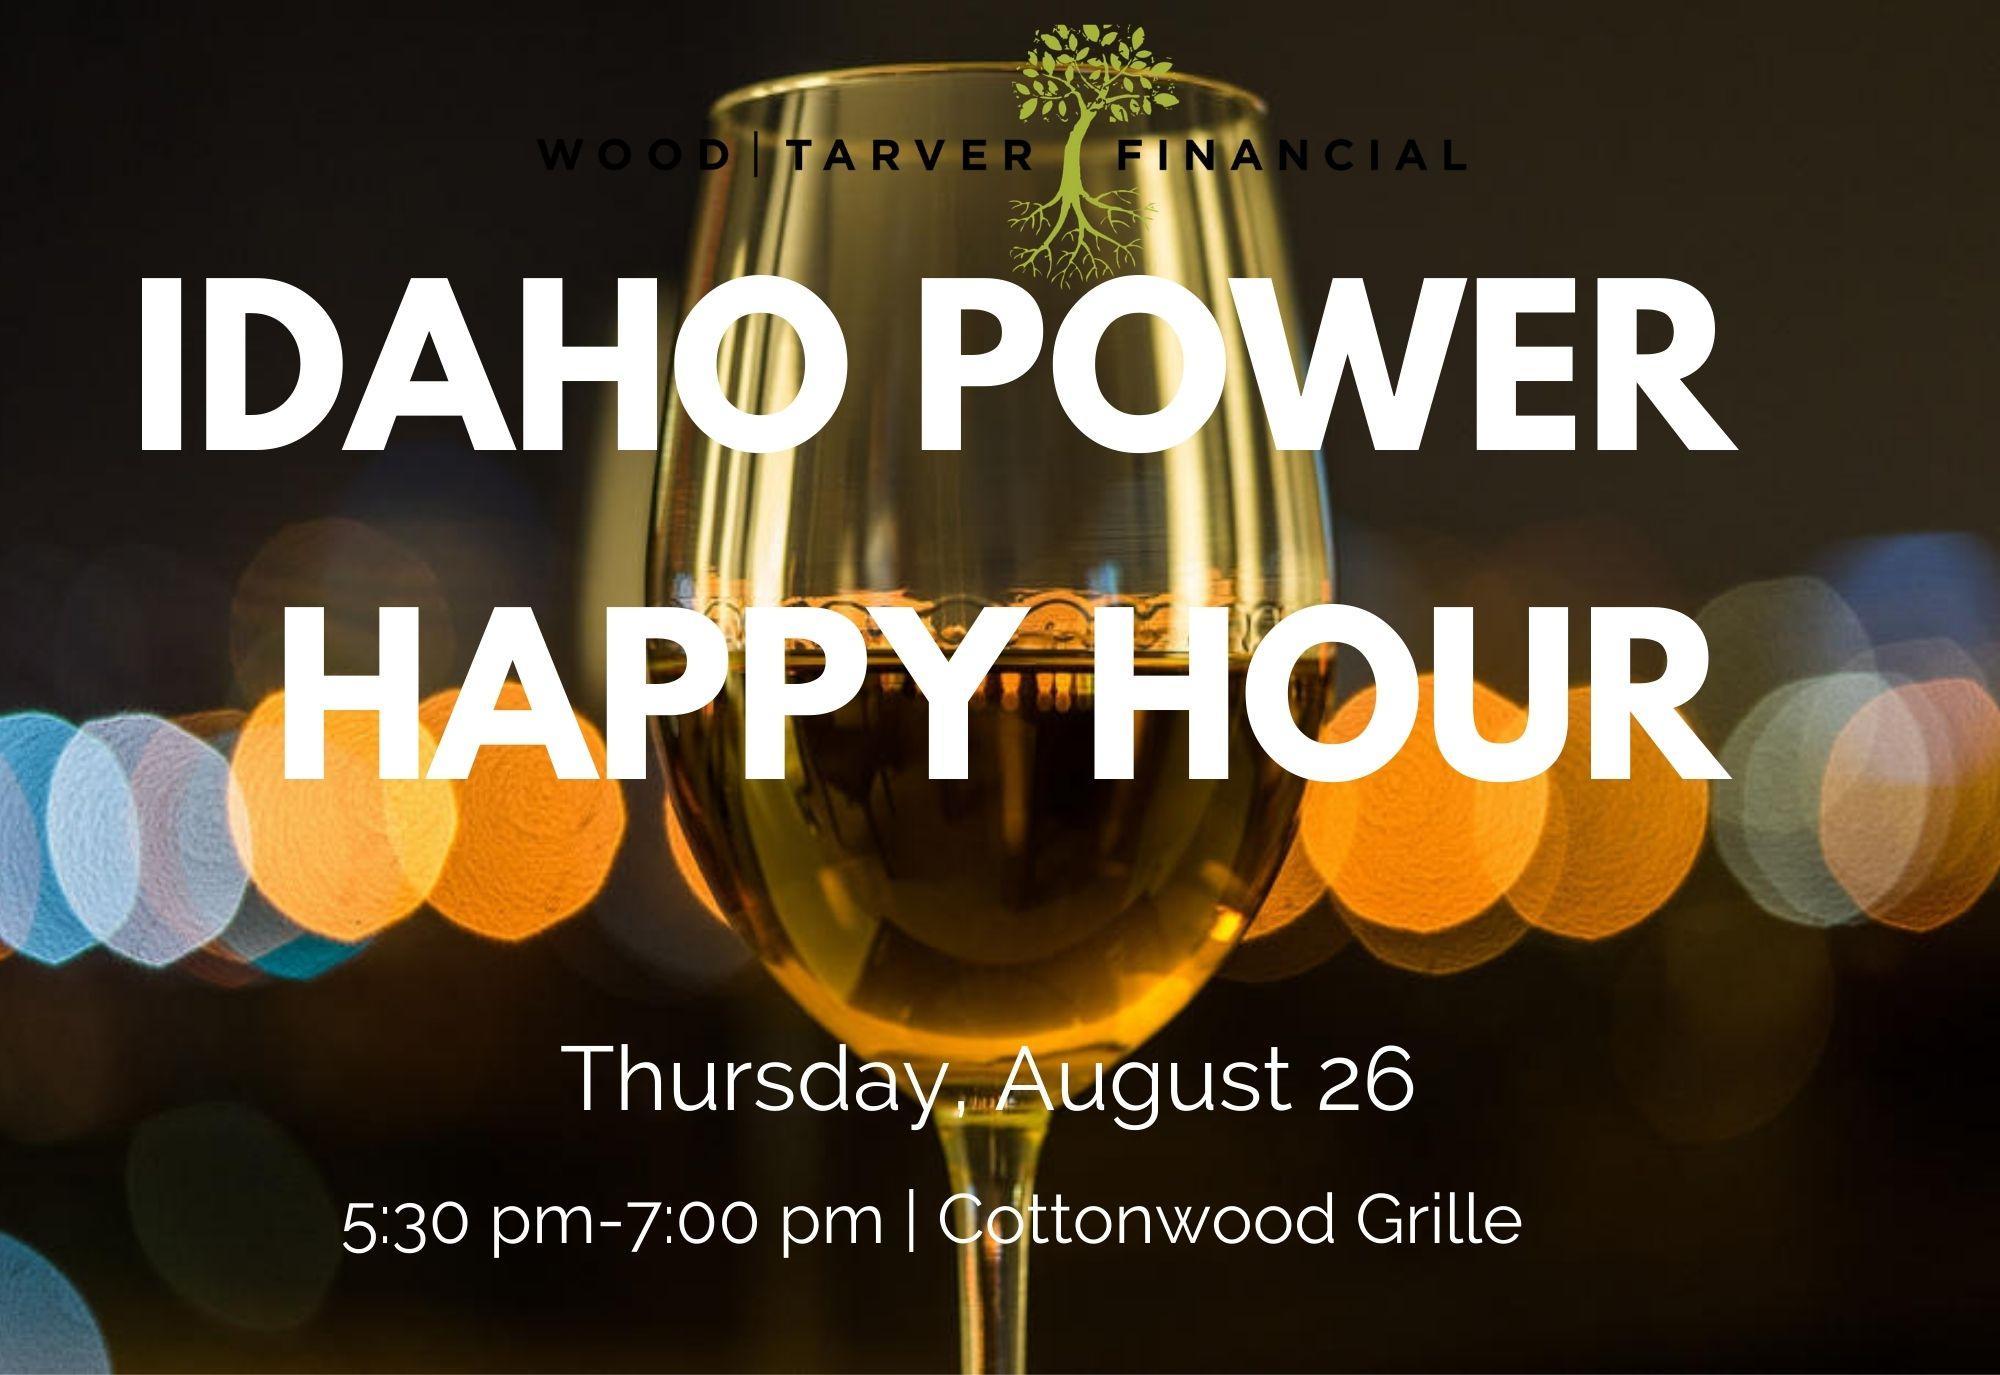 Idaho Power Happy Hour  Thumbnail